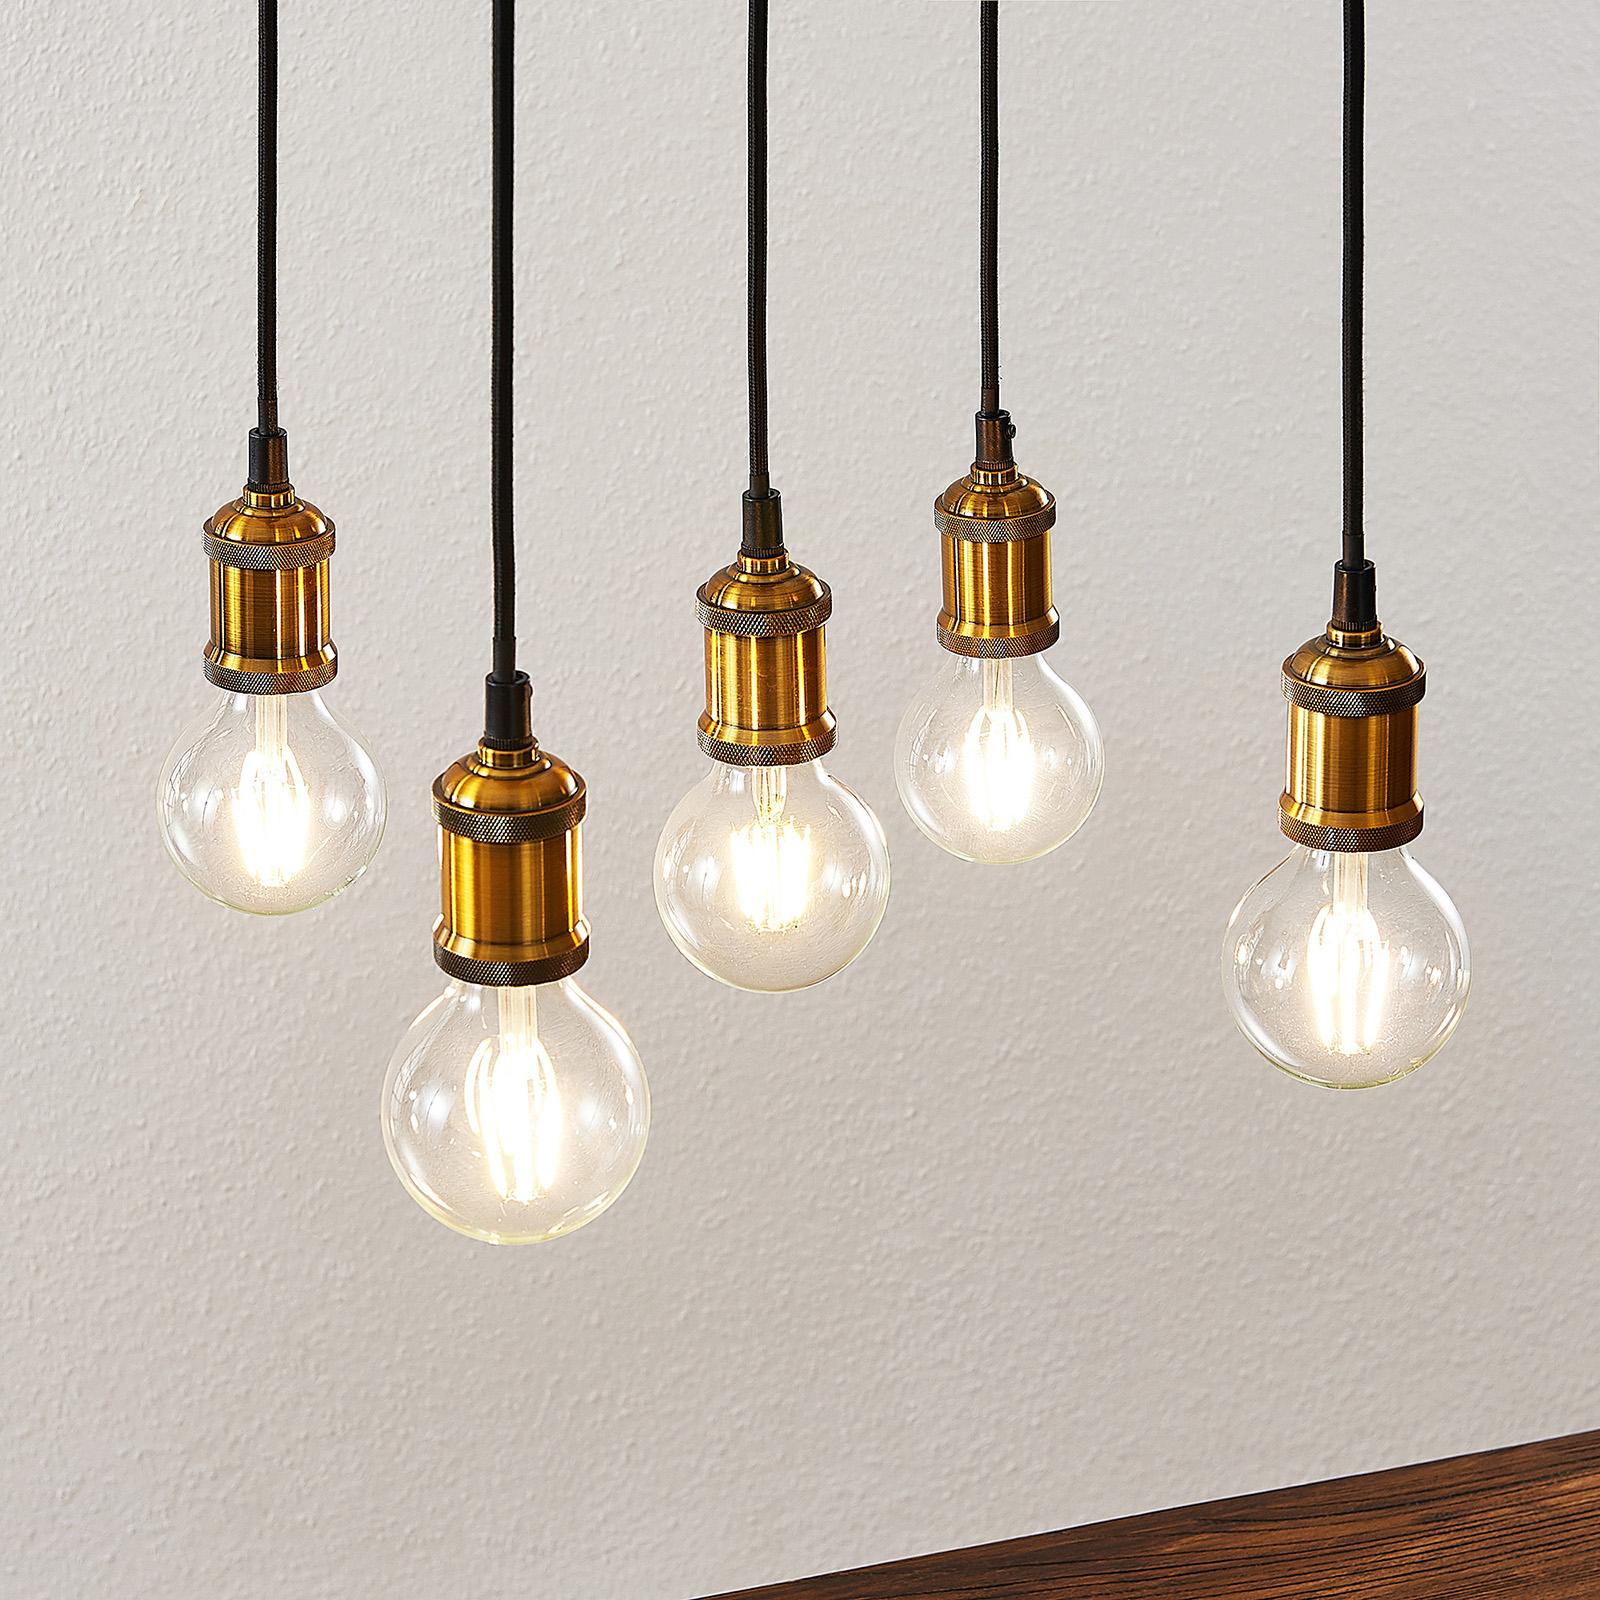 Lindby Sevin -riippuvalo, 5-lamppuinen, puuta